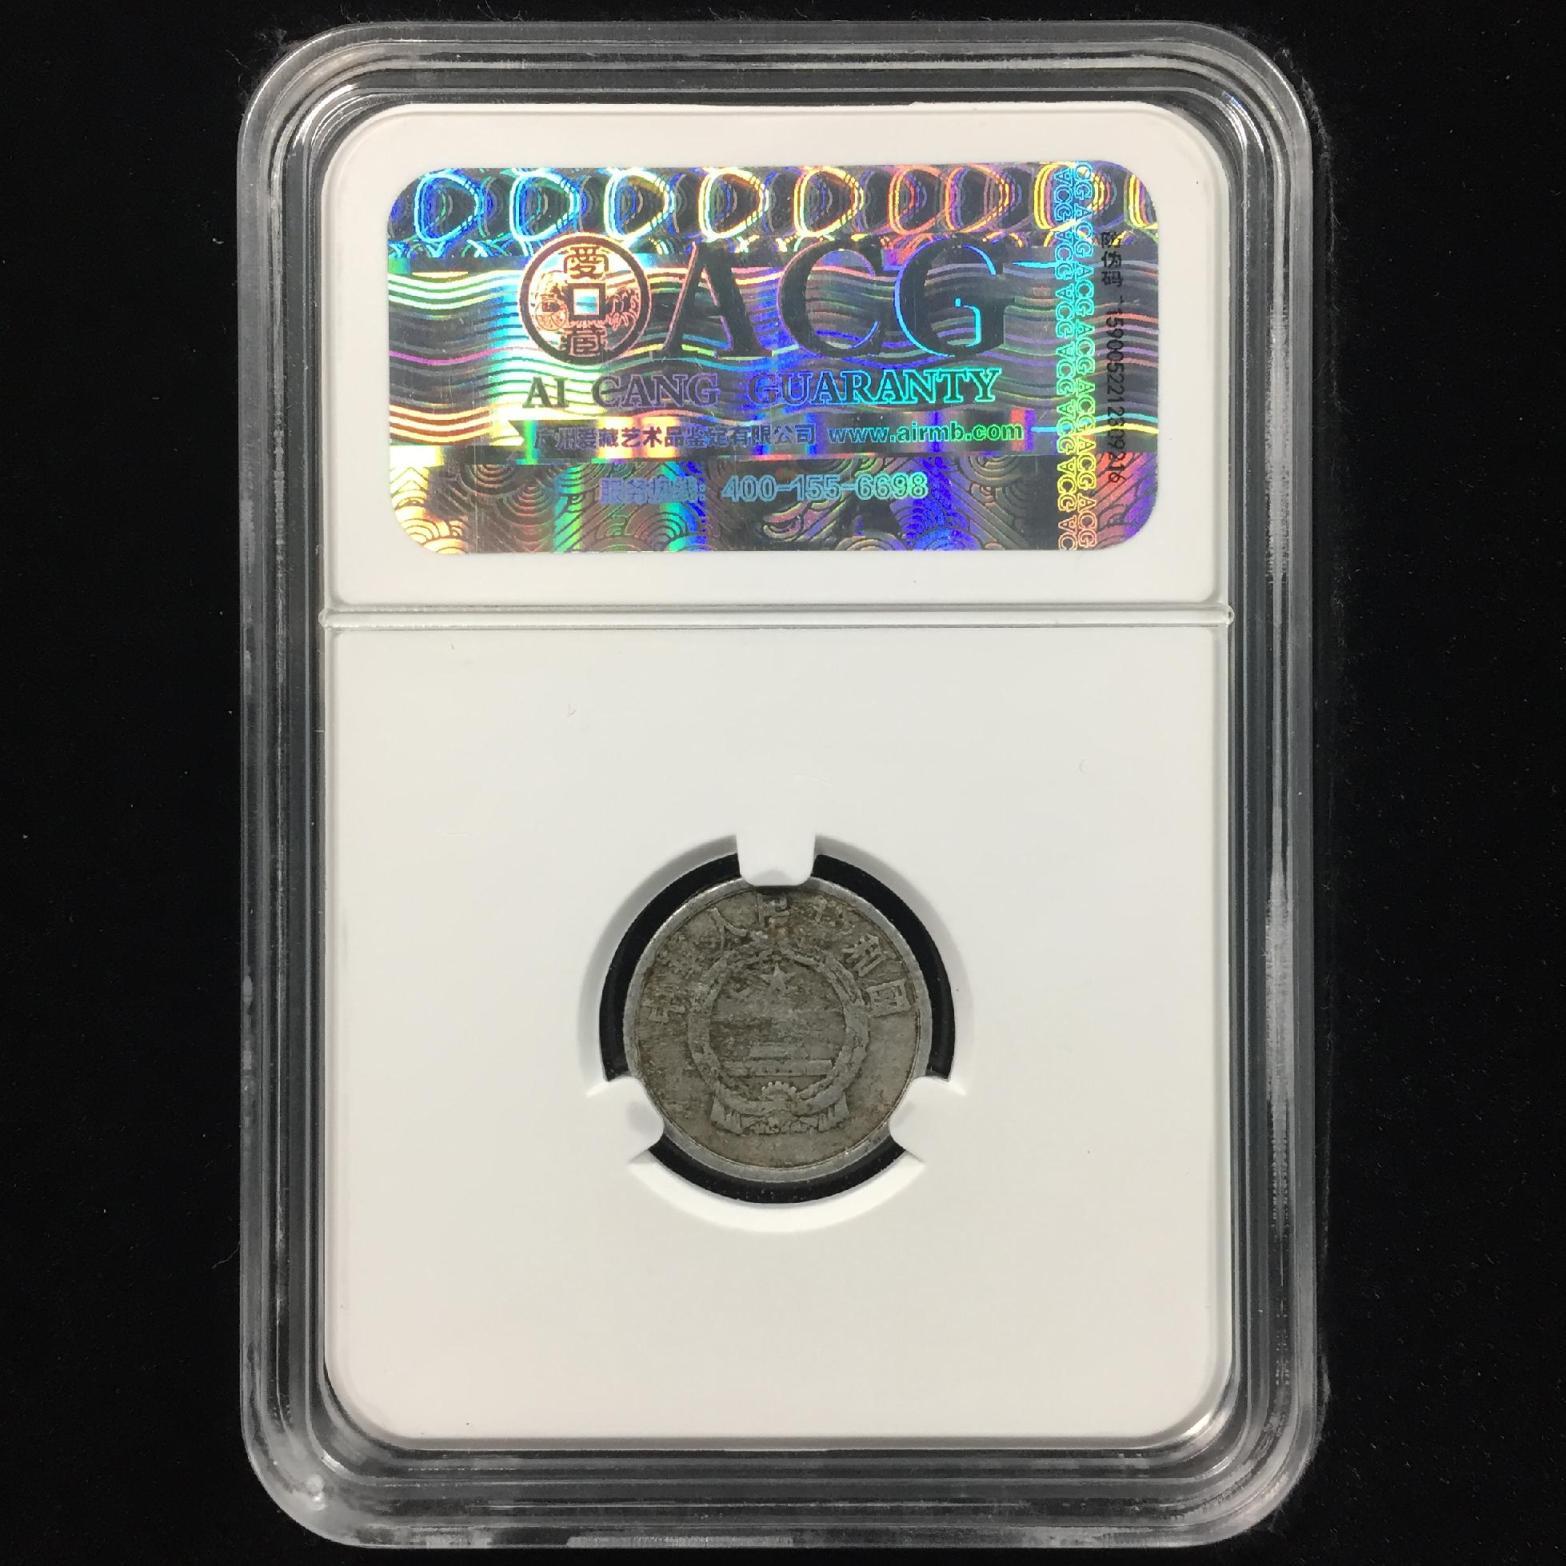 多肉币→1955年1分硬币→ACG鉴定证书-10762792